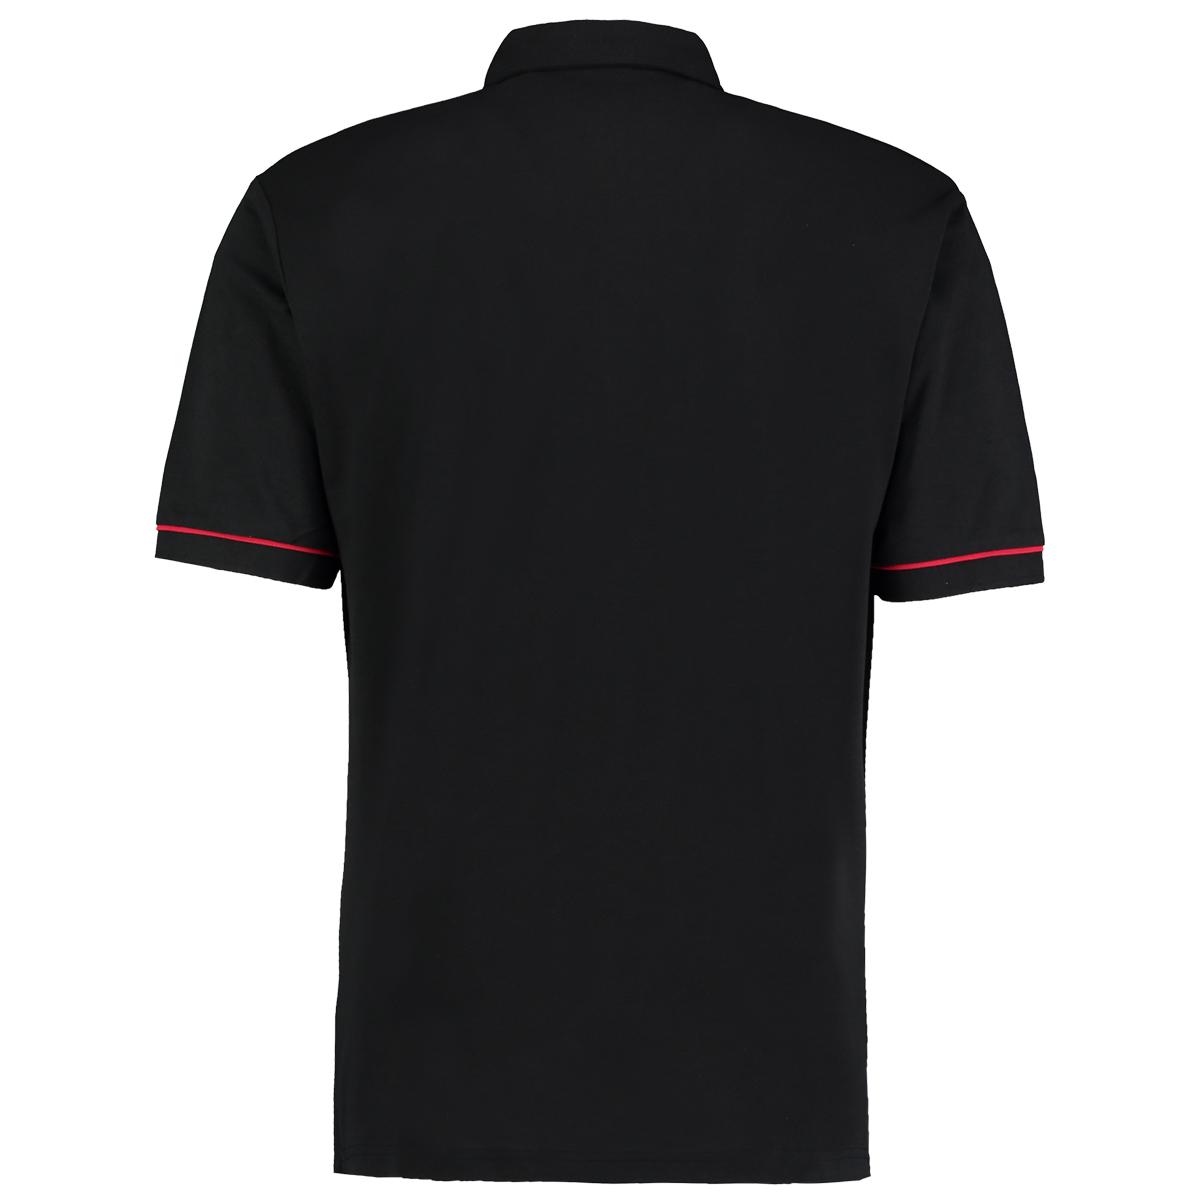 Kustom kit mens button down contrast short sleeve polo for Best short sleeve button down shirts reddit